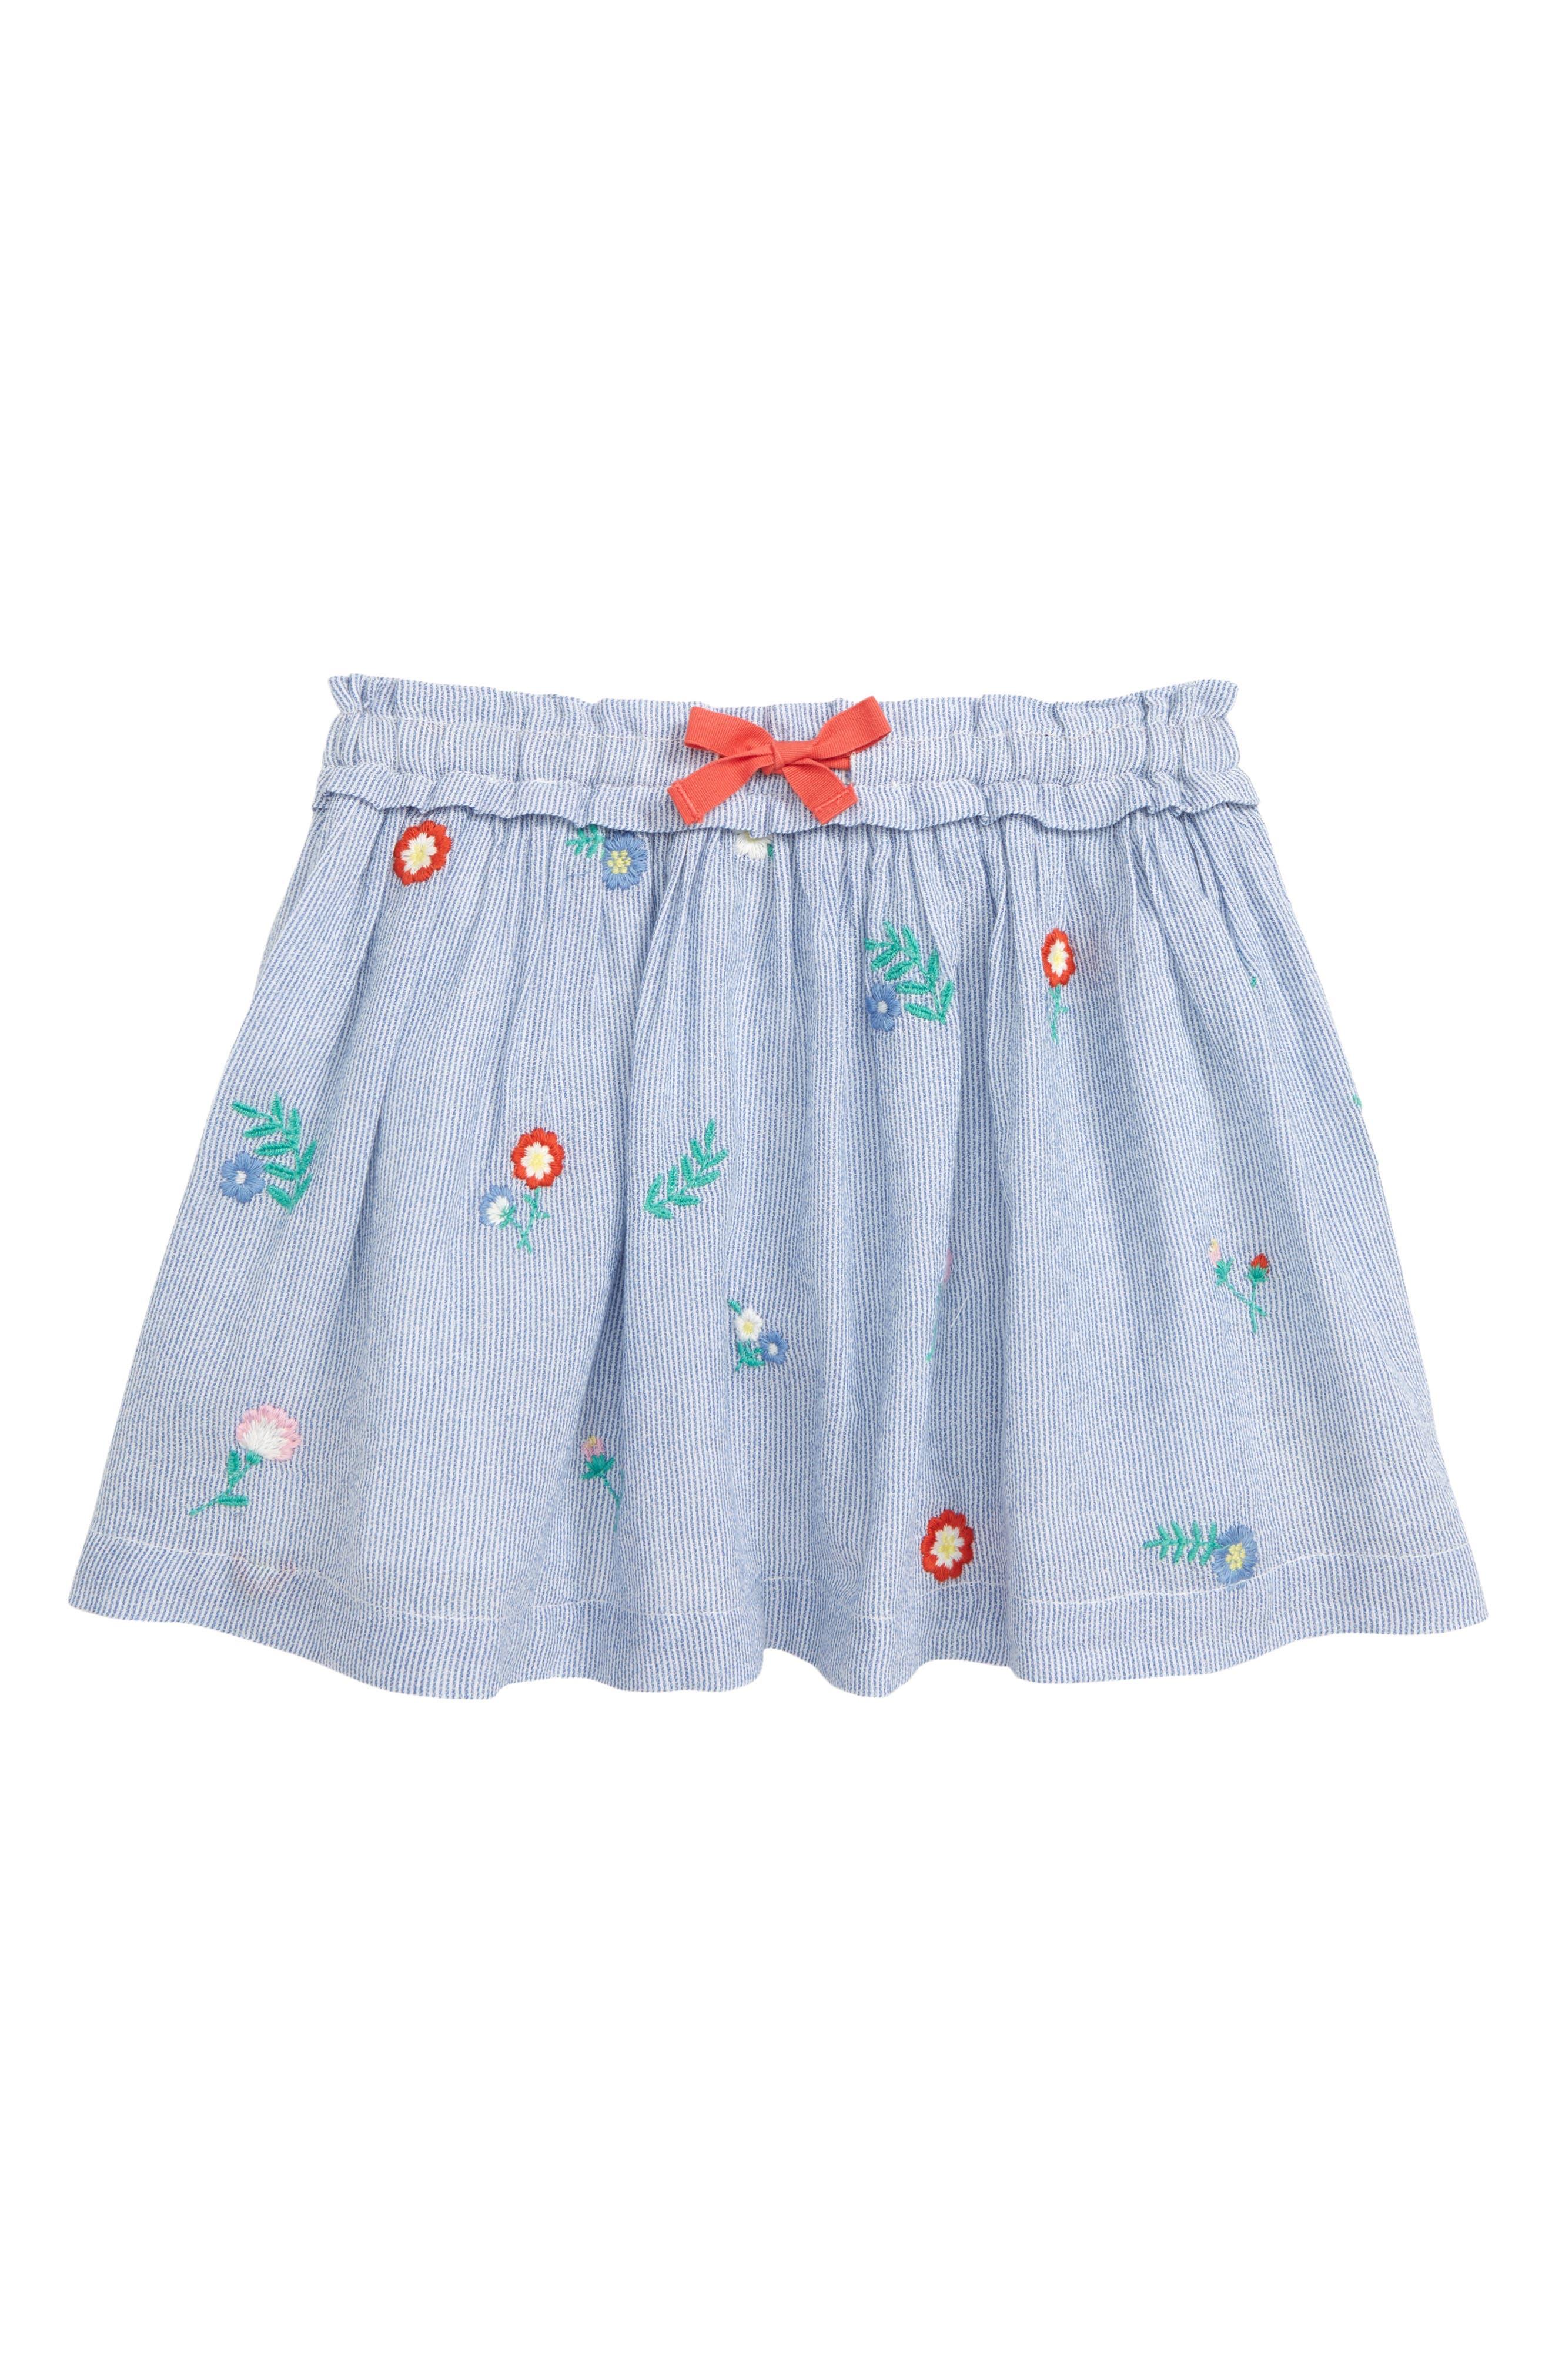 MINI BODEN, Boden Appliqué Skirt, Main thumbnail 1, color, STR LAKE BLUE TICKING STRIPE